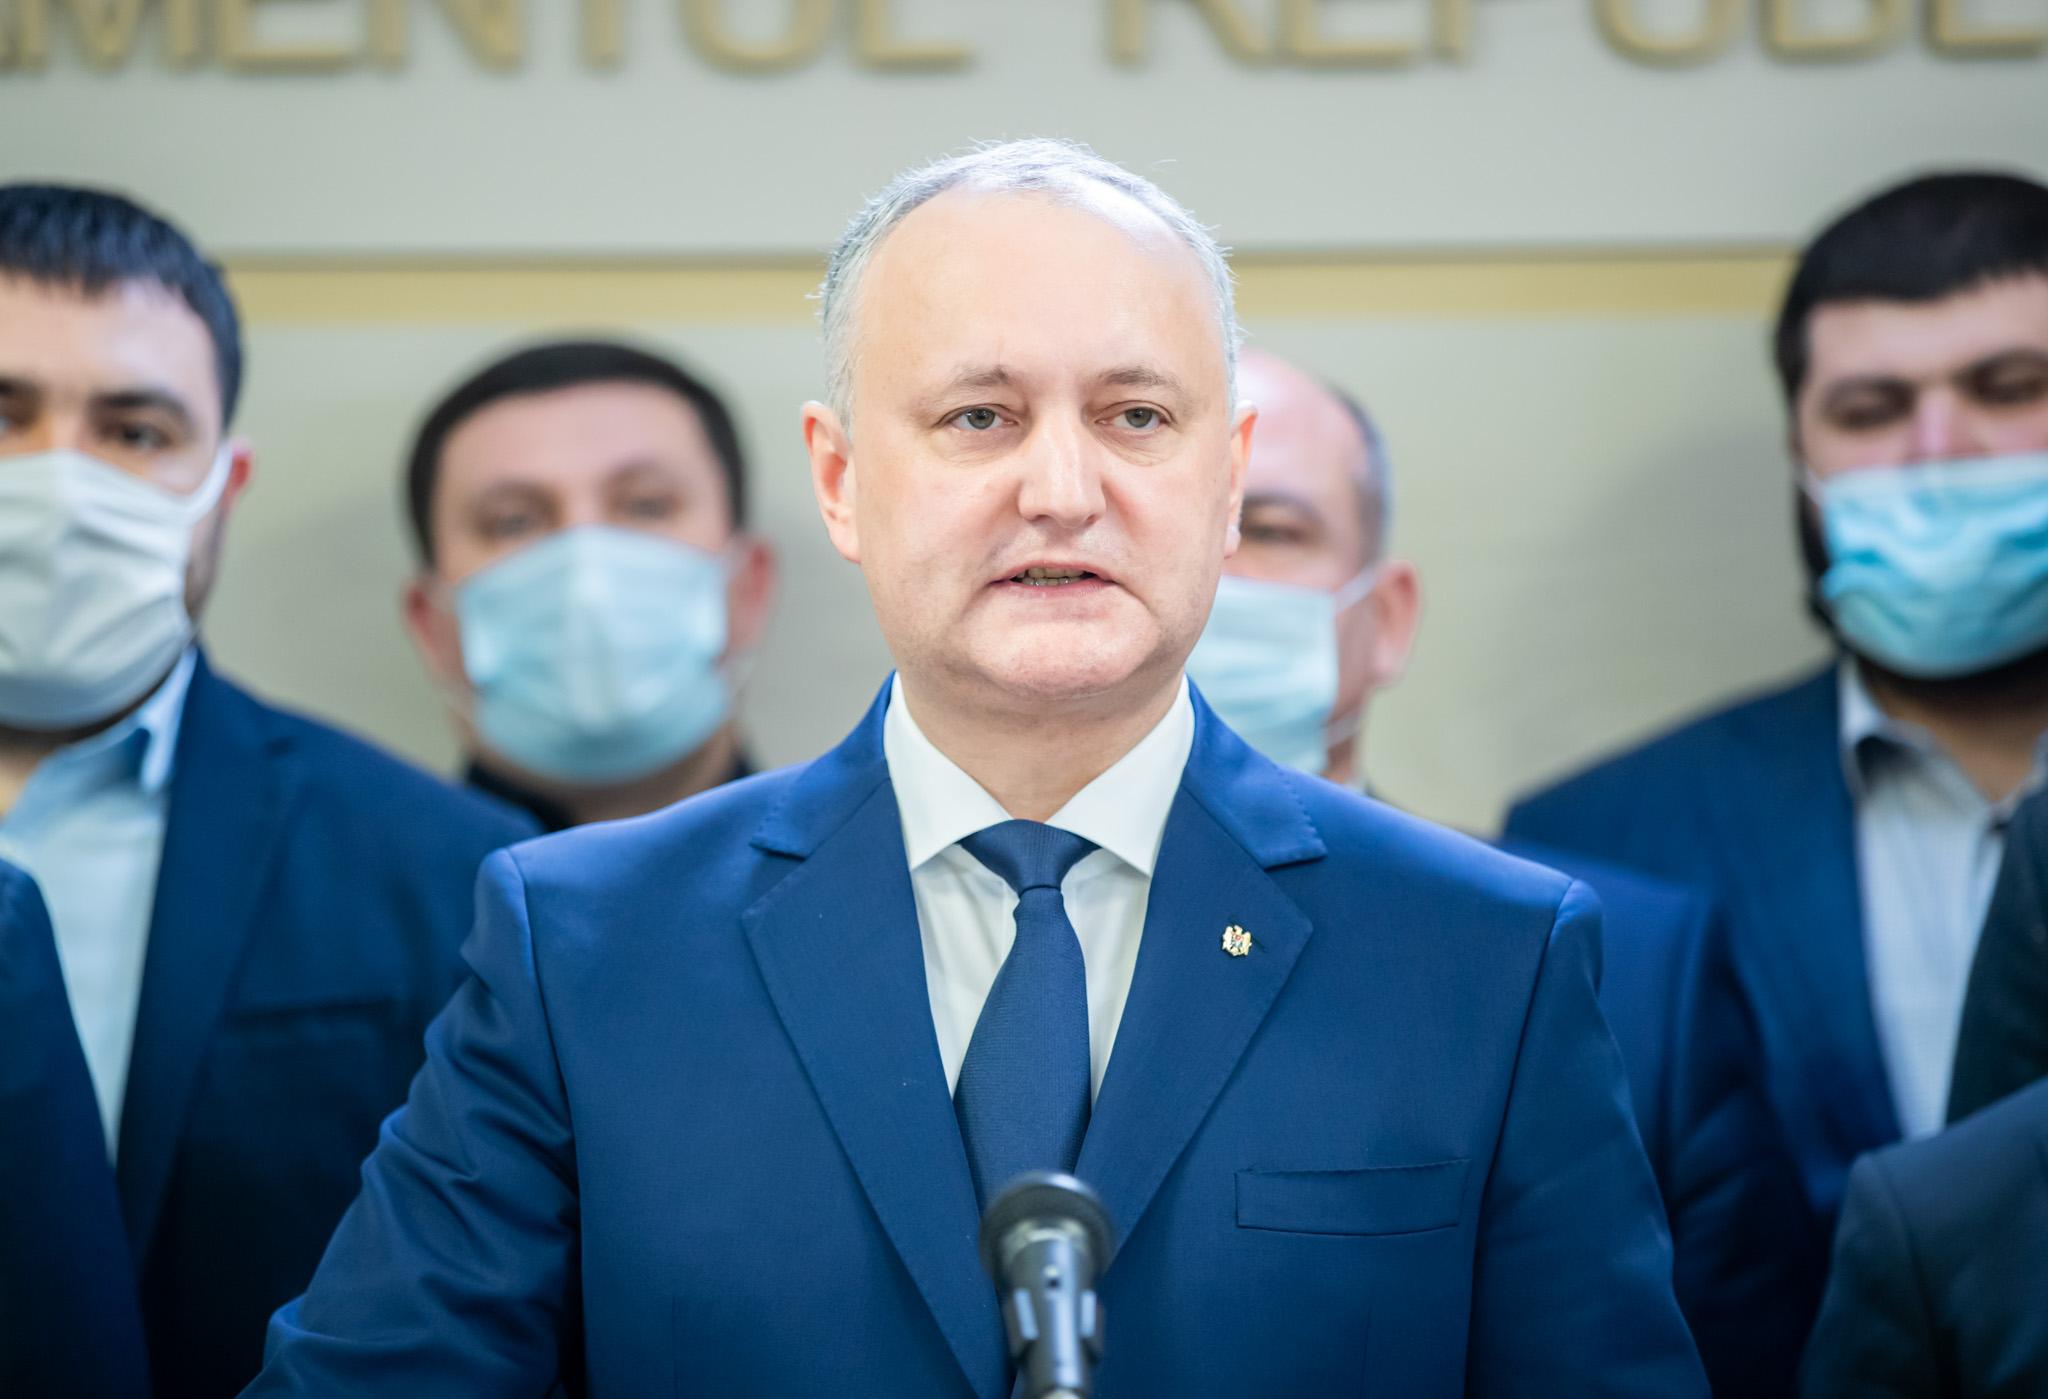 Dodon: Cerem respectarea Constituției și desemnarea de urgență a candidatului la funcția de premier desemnat de majoritatea parlamentară